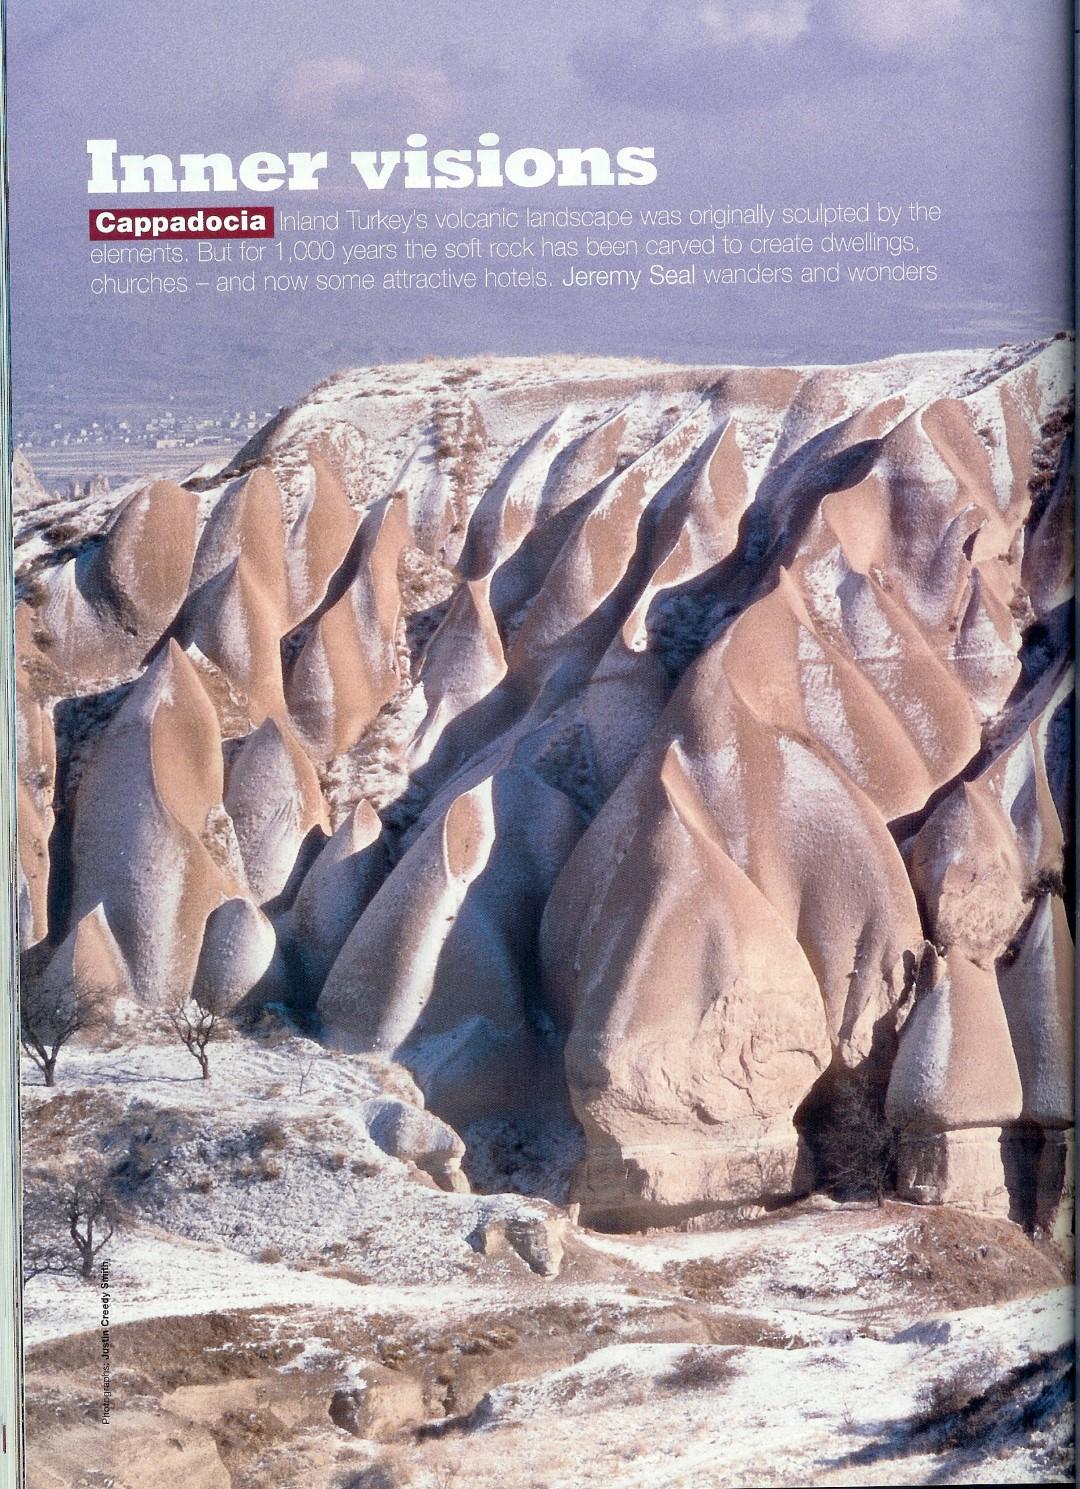 inner-visions-cappadocia-jeremy-seal